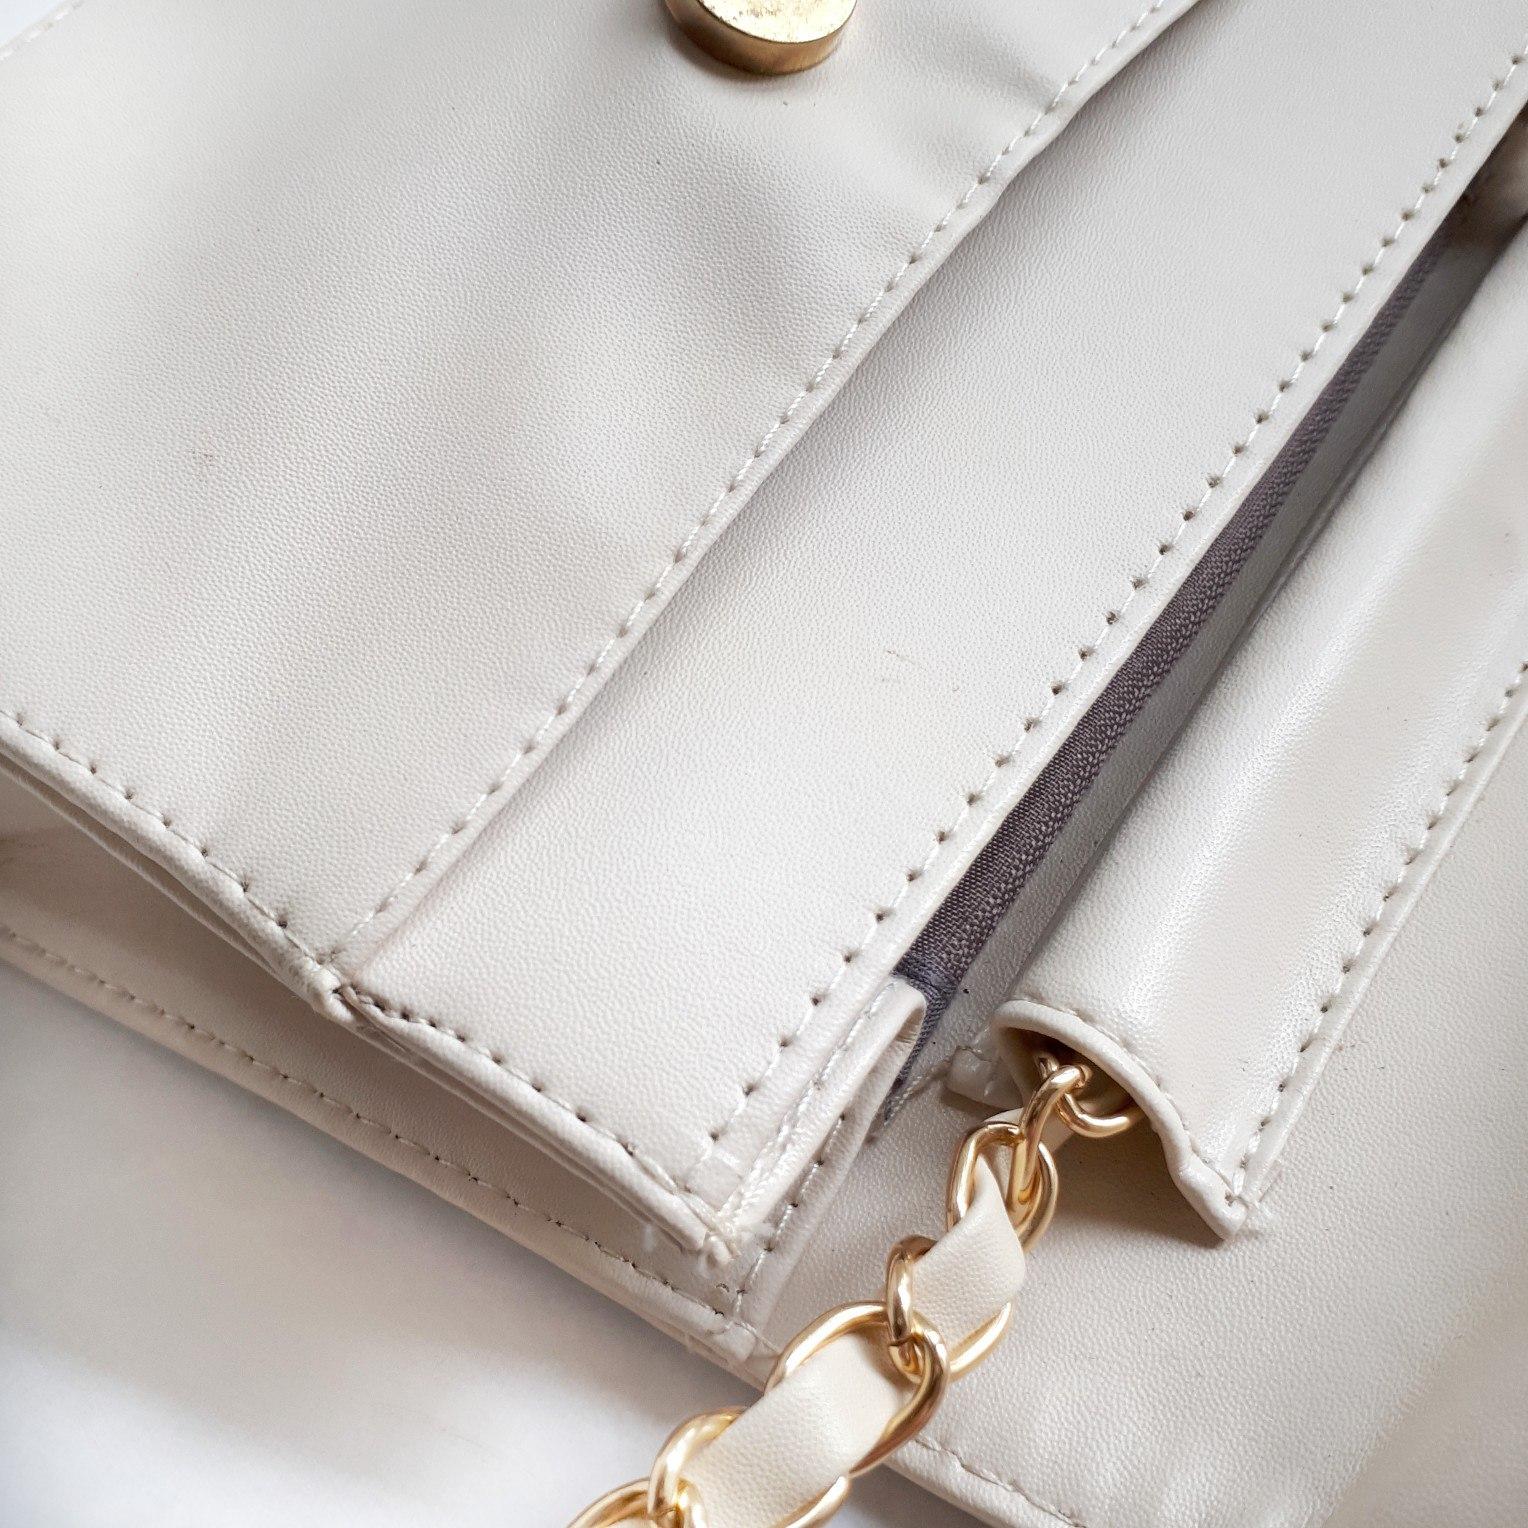 Качественная женская сумочка от магазина DALFR